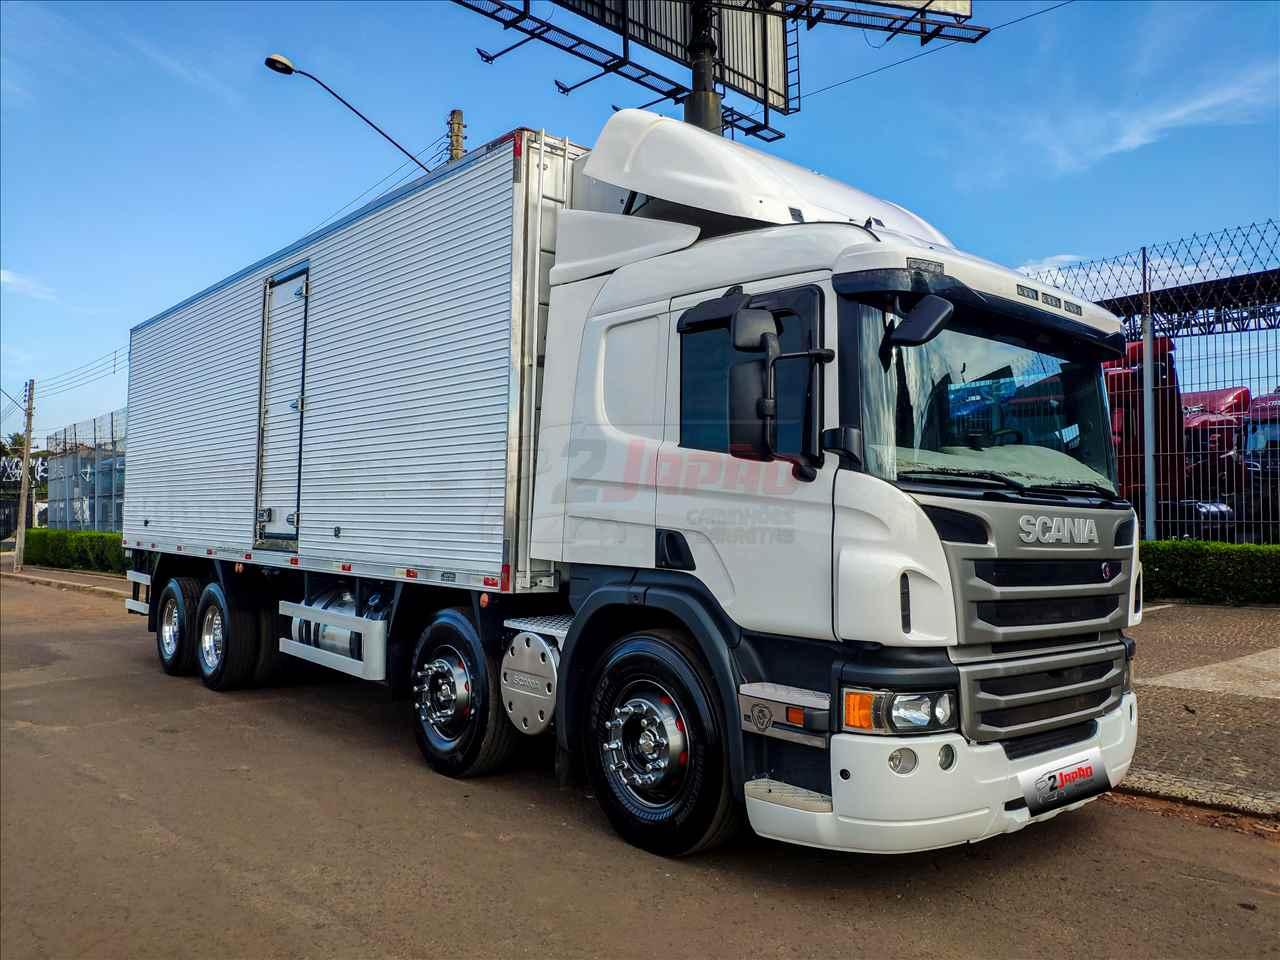 CAMINHAO SCANIA SCANIA 310 Baú Frigorífico BiTruck 8x2 2 Japão Caminhões e Carretas SUMARE SÃO PAULO SP